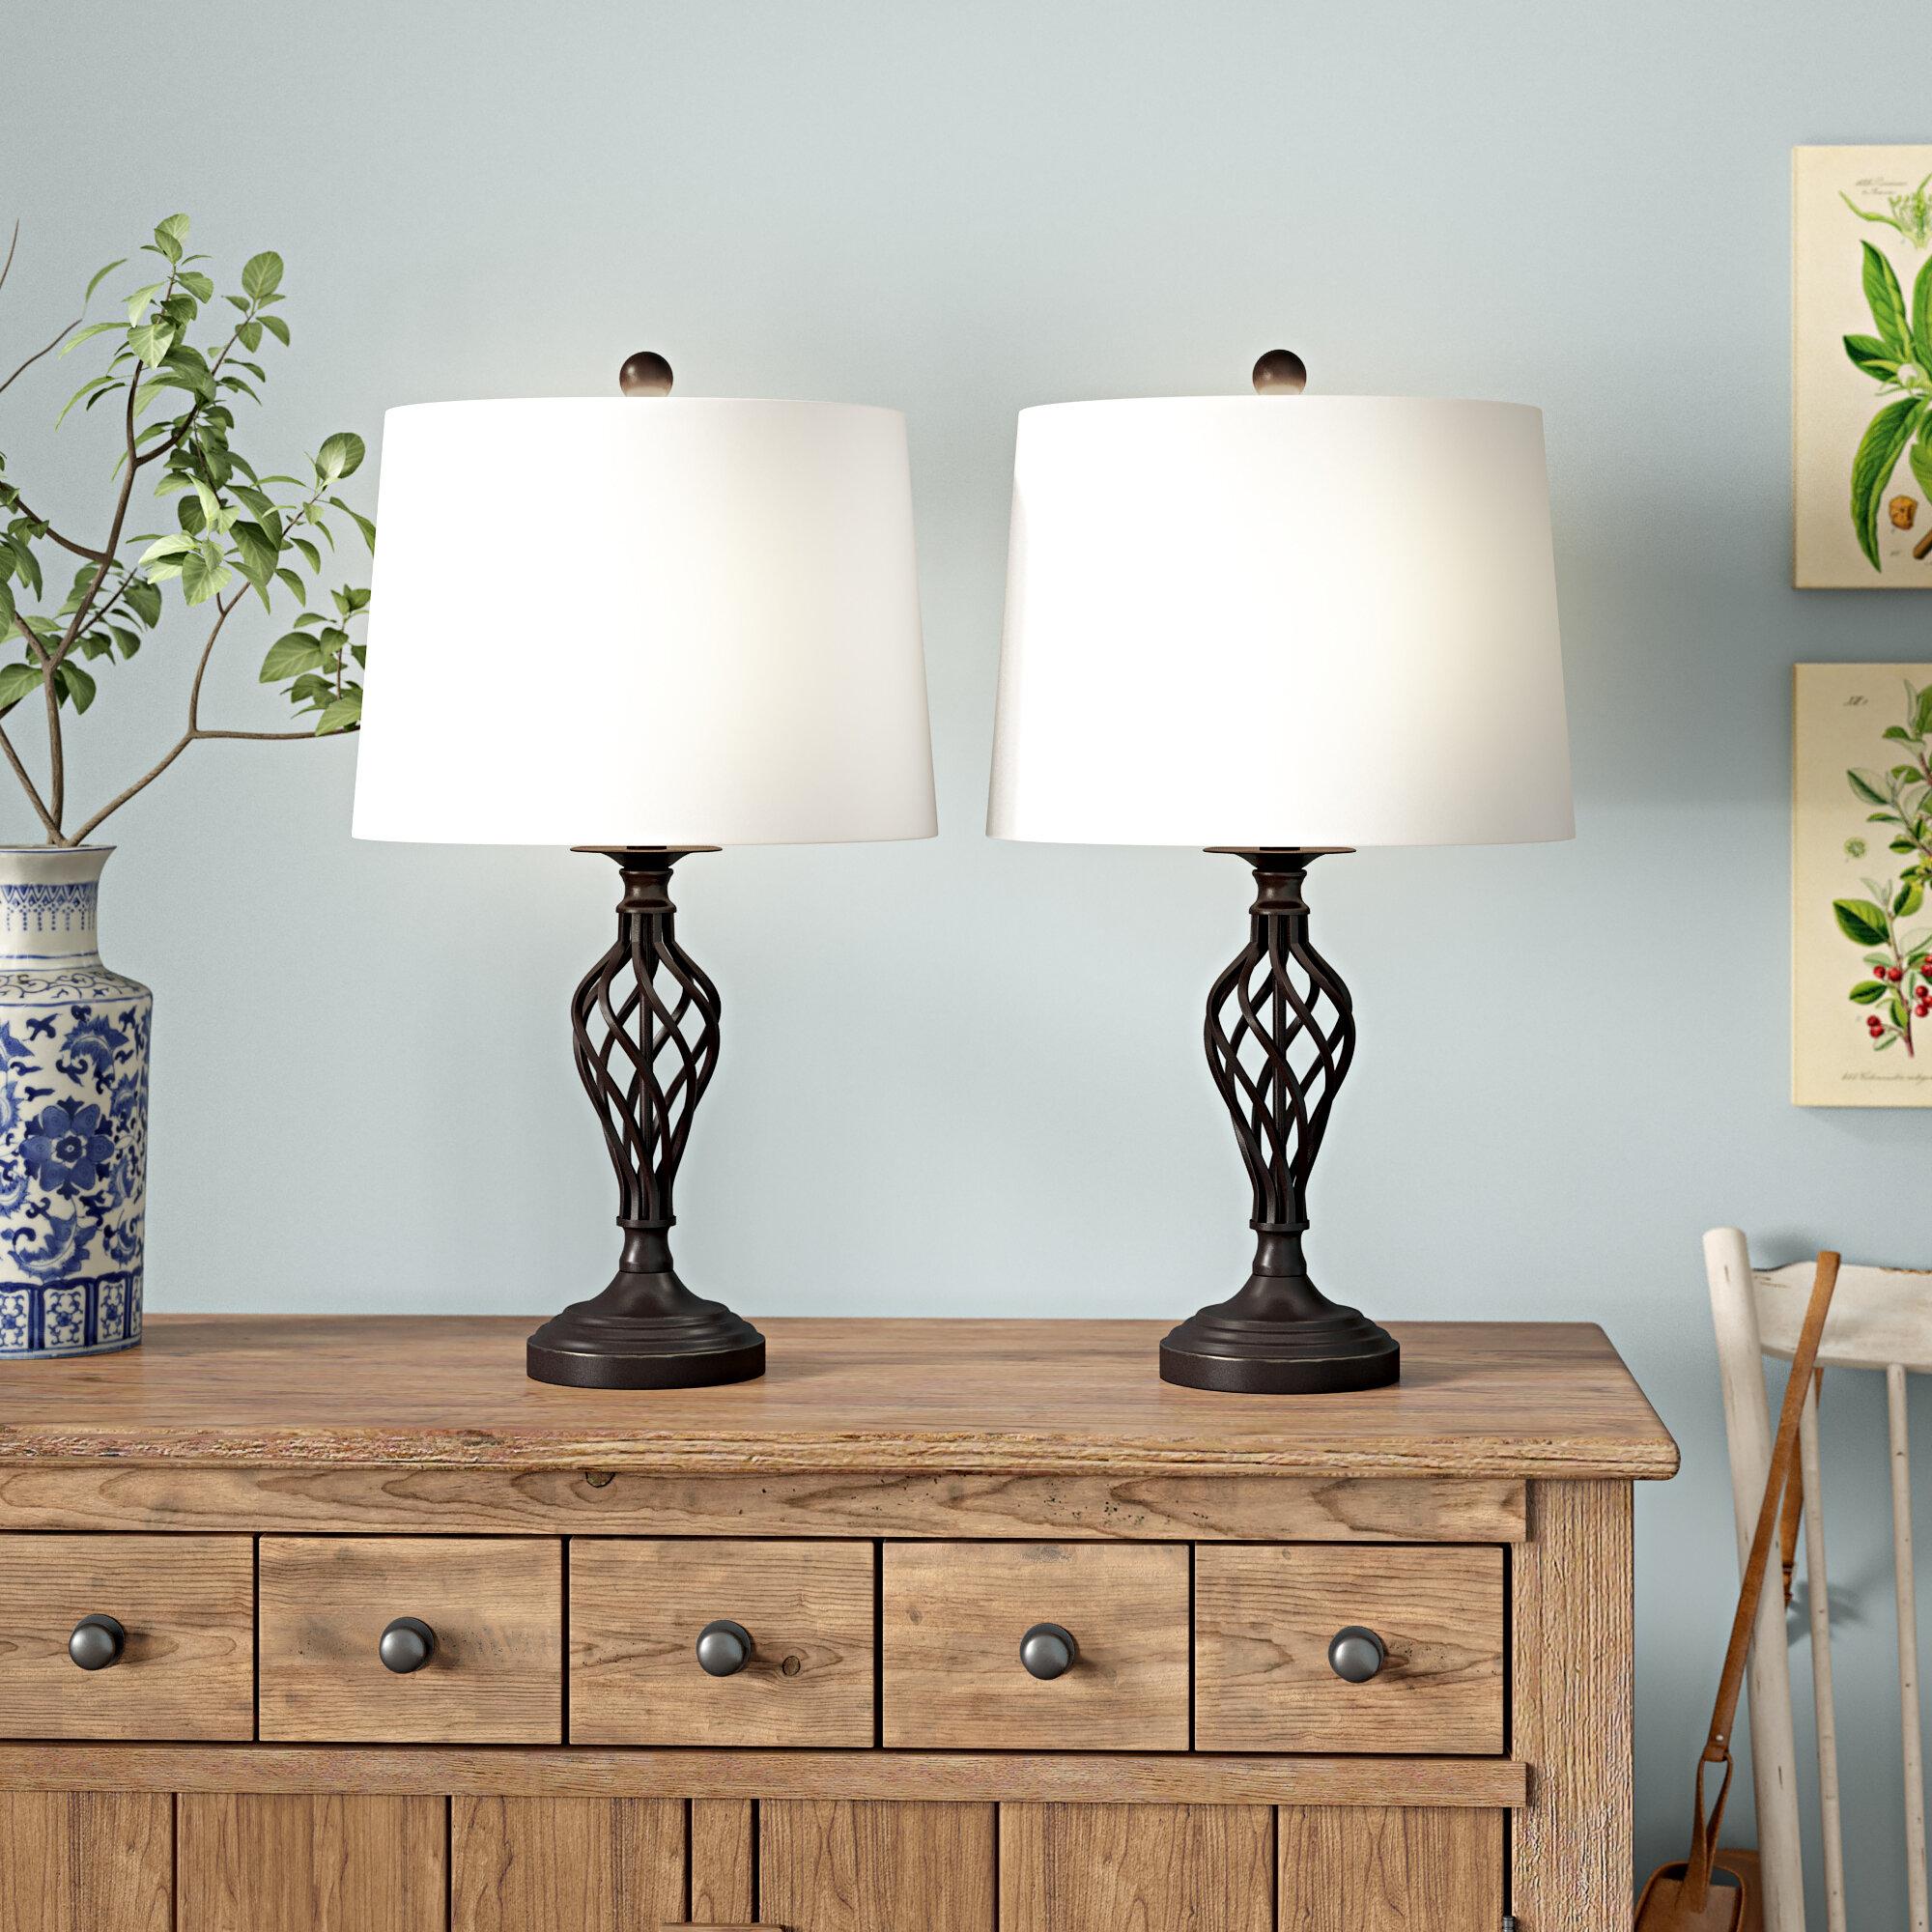 Rutledge 25 Table Lamp Set Reviews Birch Lane